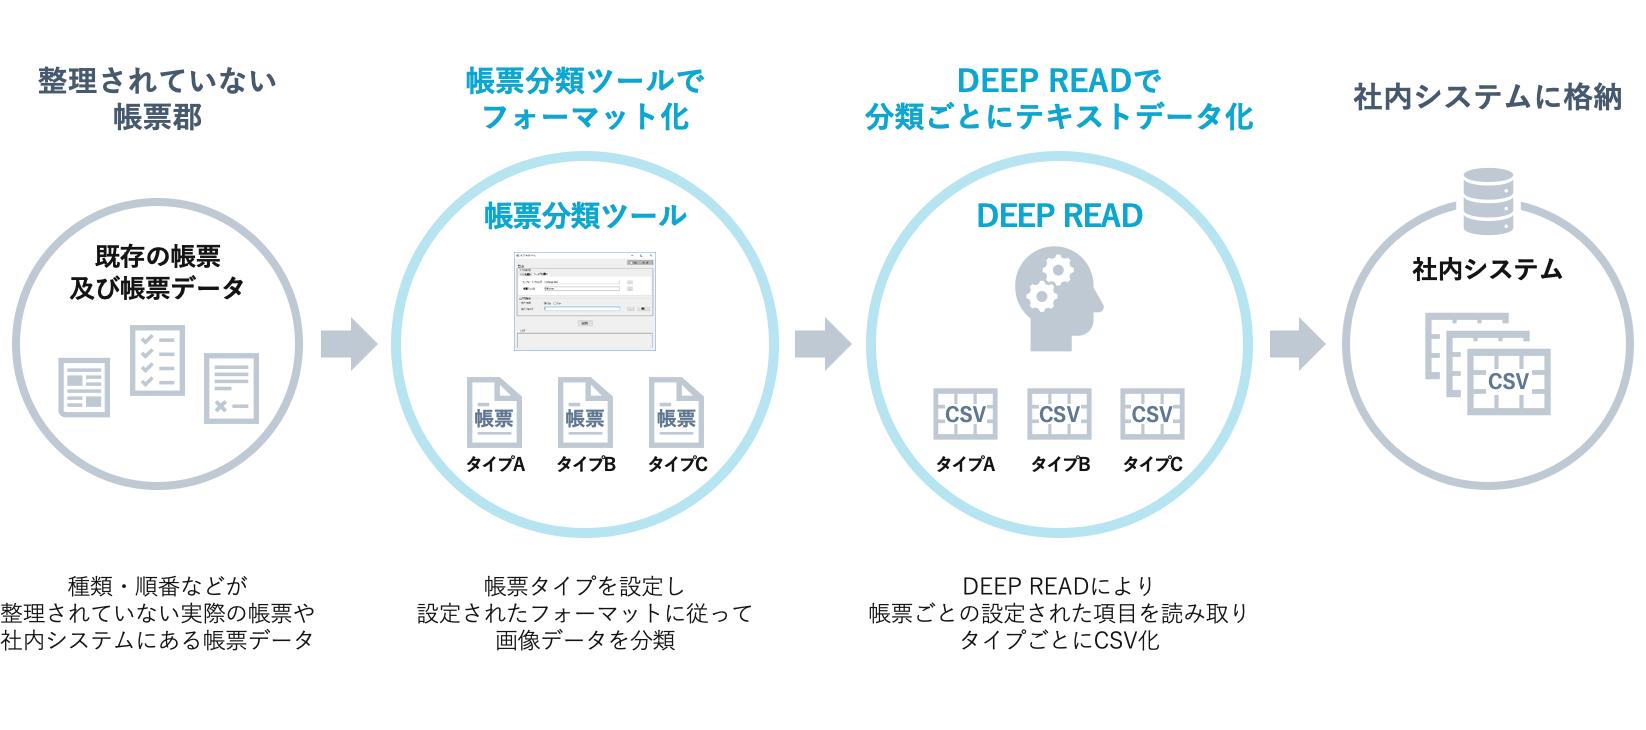 「帳票分類ツール」と「DEEP READ」の利用図